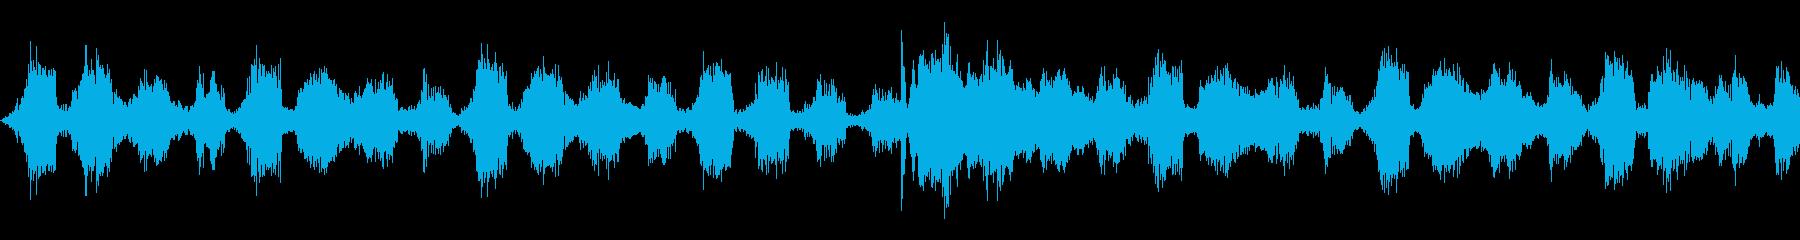 女性歌声のトロピカルハウス,OPジングルの再生済みの波形